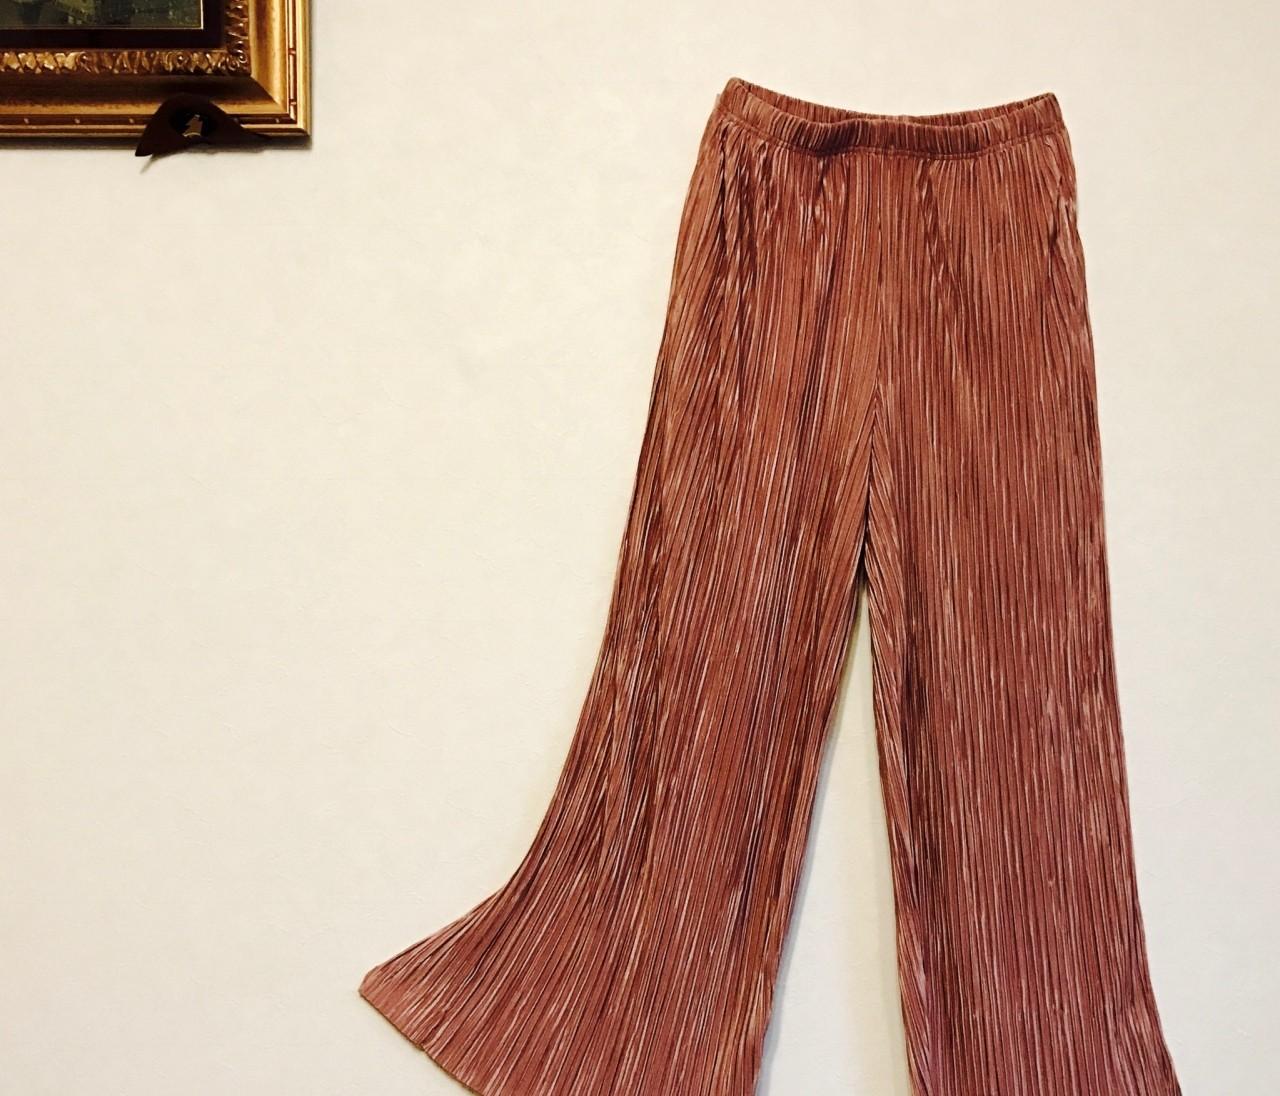 【#しまパト 冬の陣】で買ったパンツ+タイツ+靴下が神すぎる件❤︎